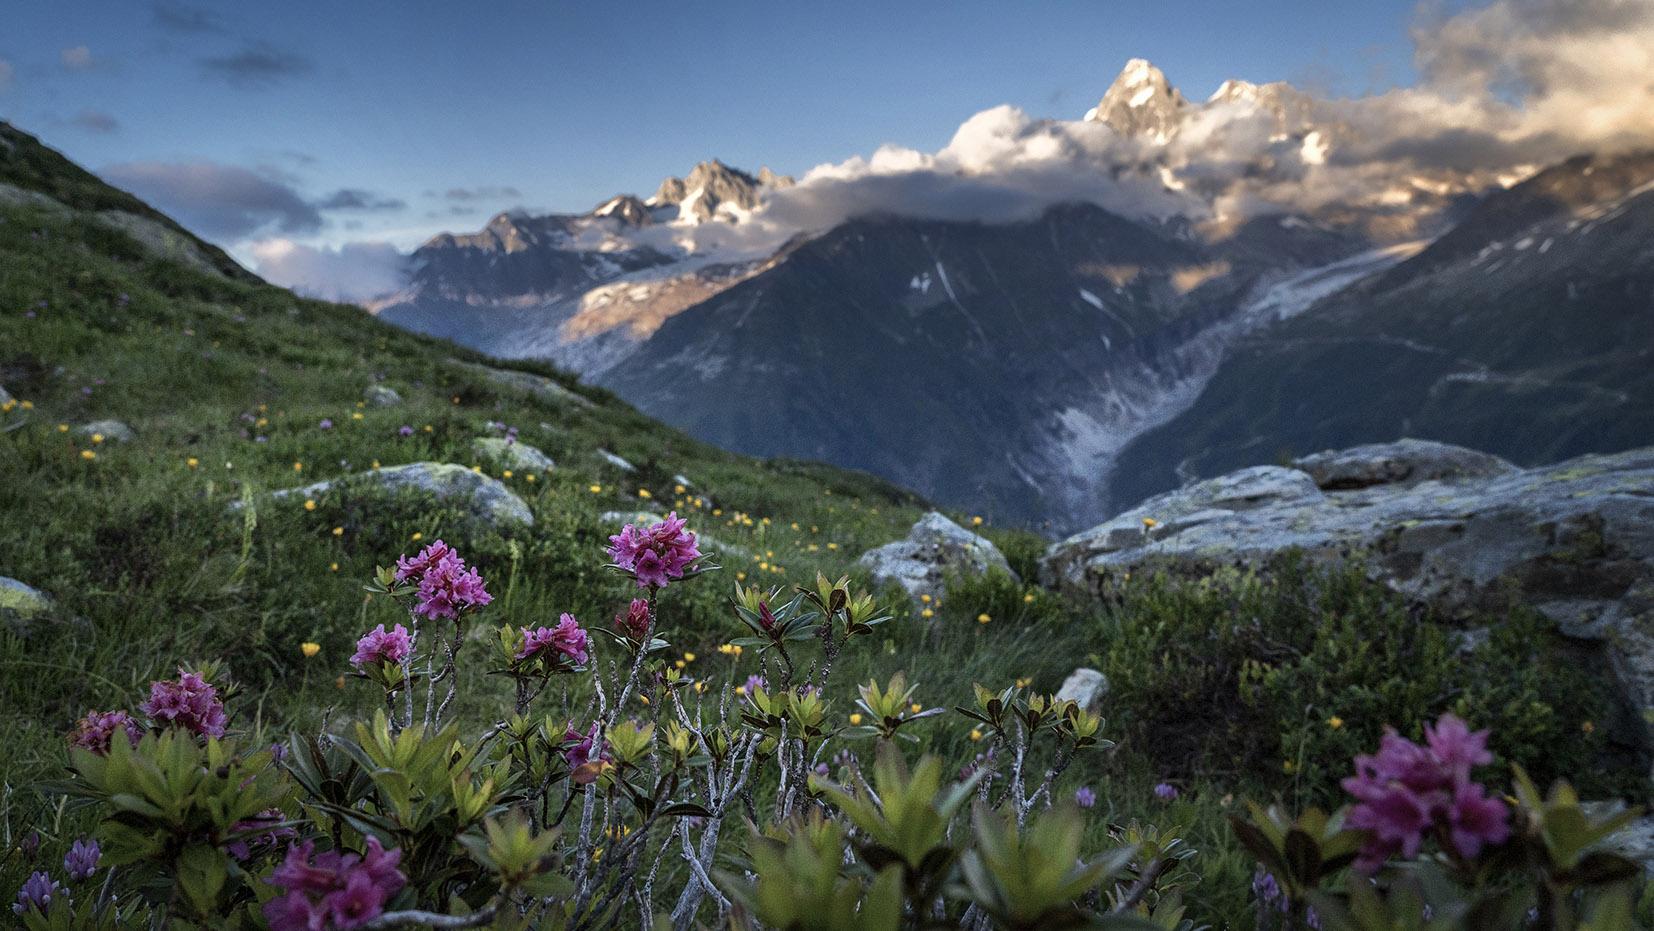 Bivouac lac Cheserys fleurs violettes herbe sommets neige nuages ciel bleu